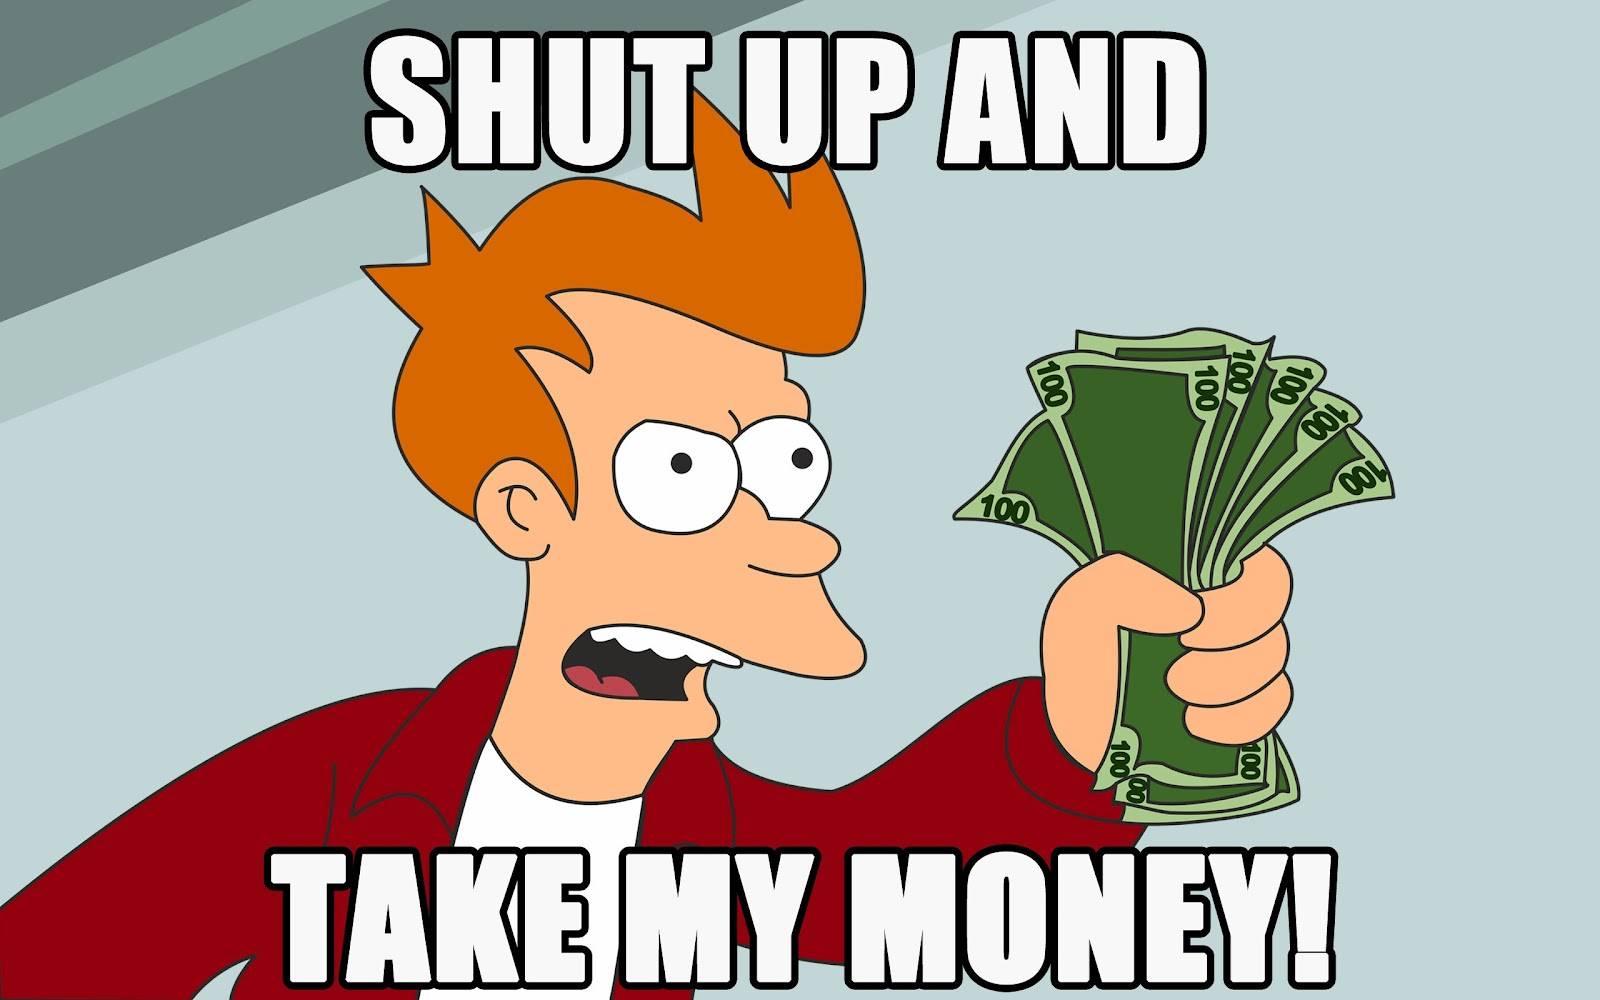 shut_up_and_take_my_money